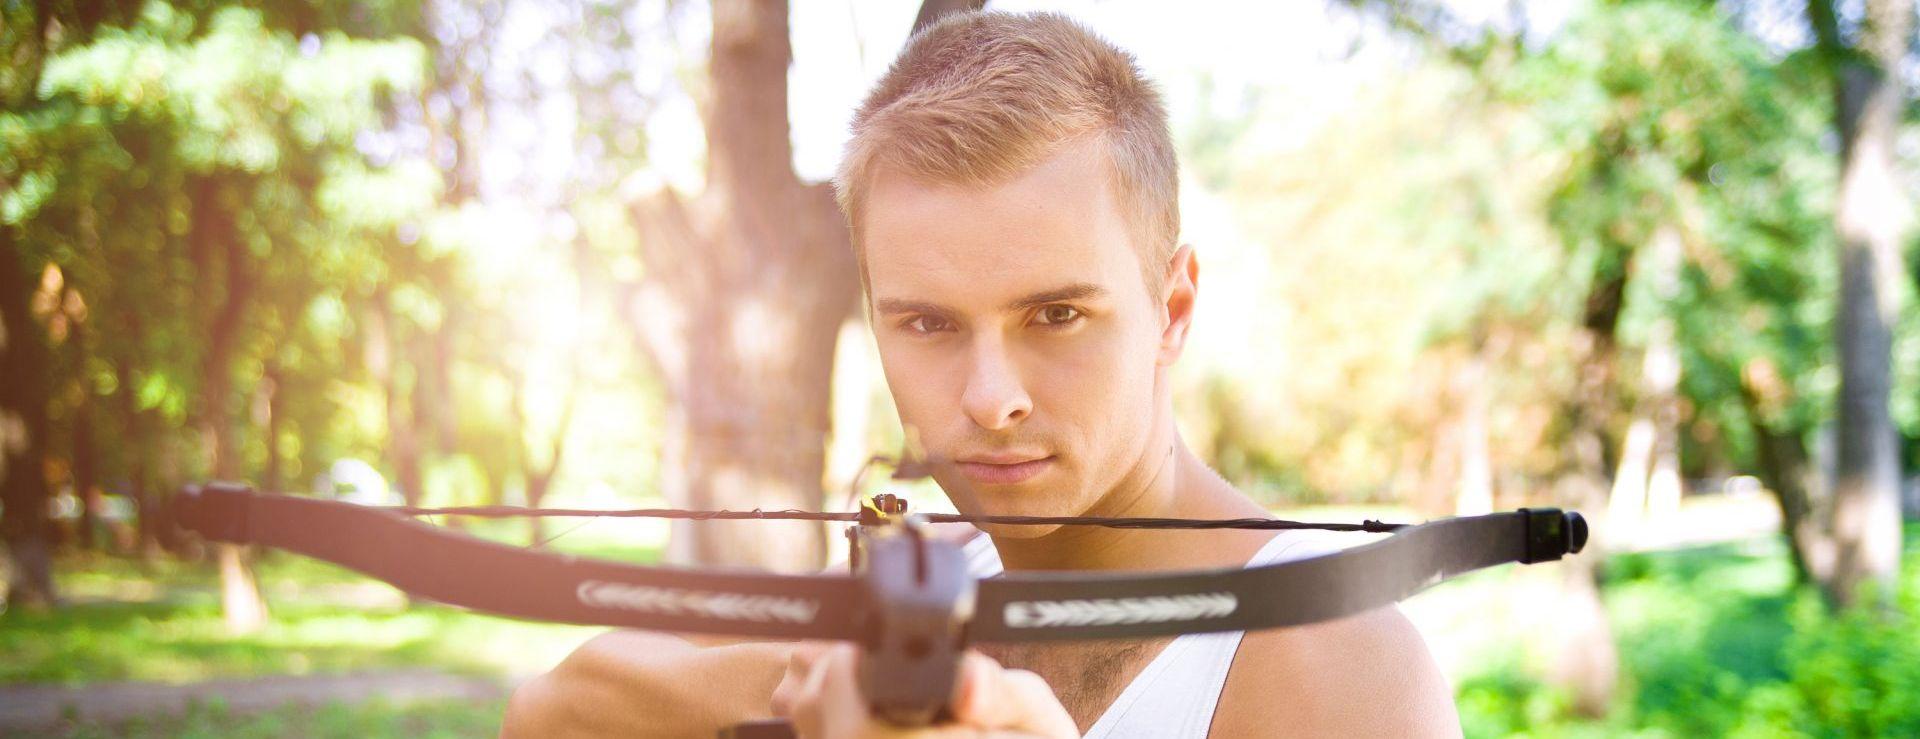 mannelijke potentie testosteronm zaadproductie zaad productie sperma productie potentie verhogen potentie problemen impotentie